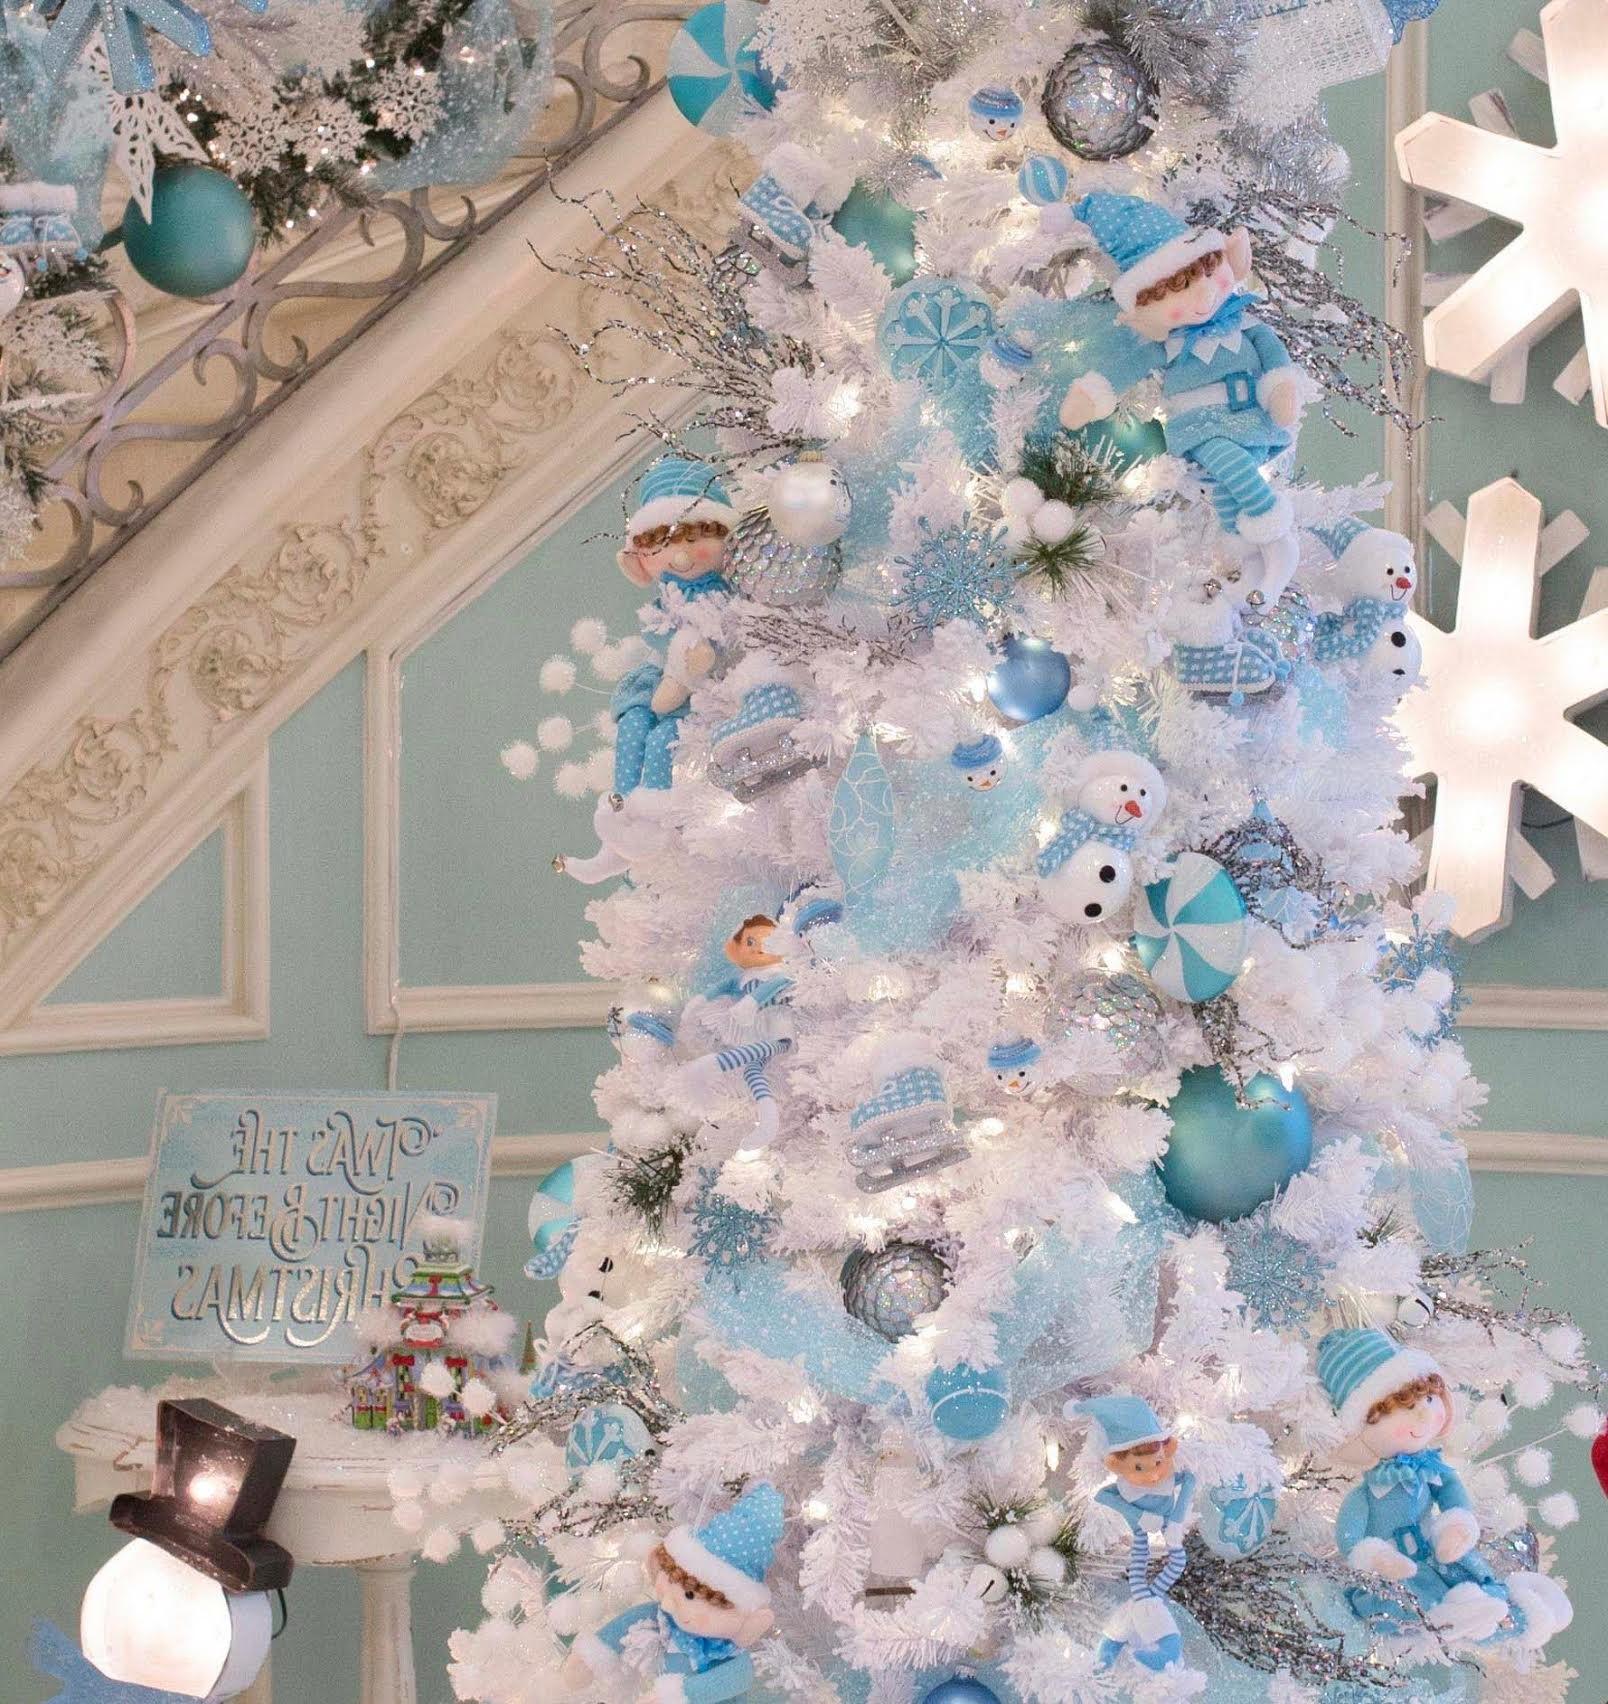 Pays des merveilles d'hiver en bleu et blanc!